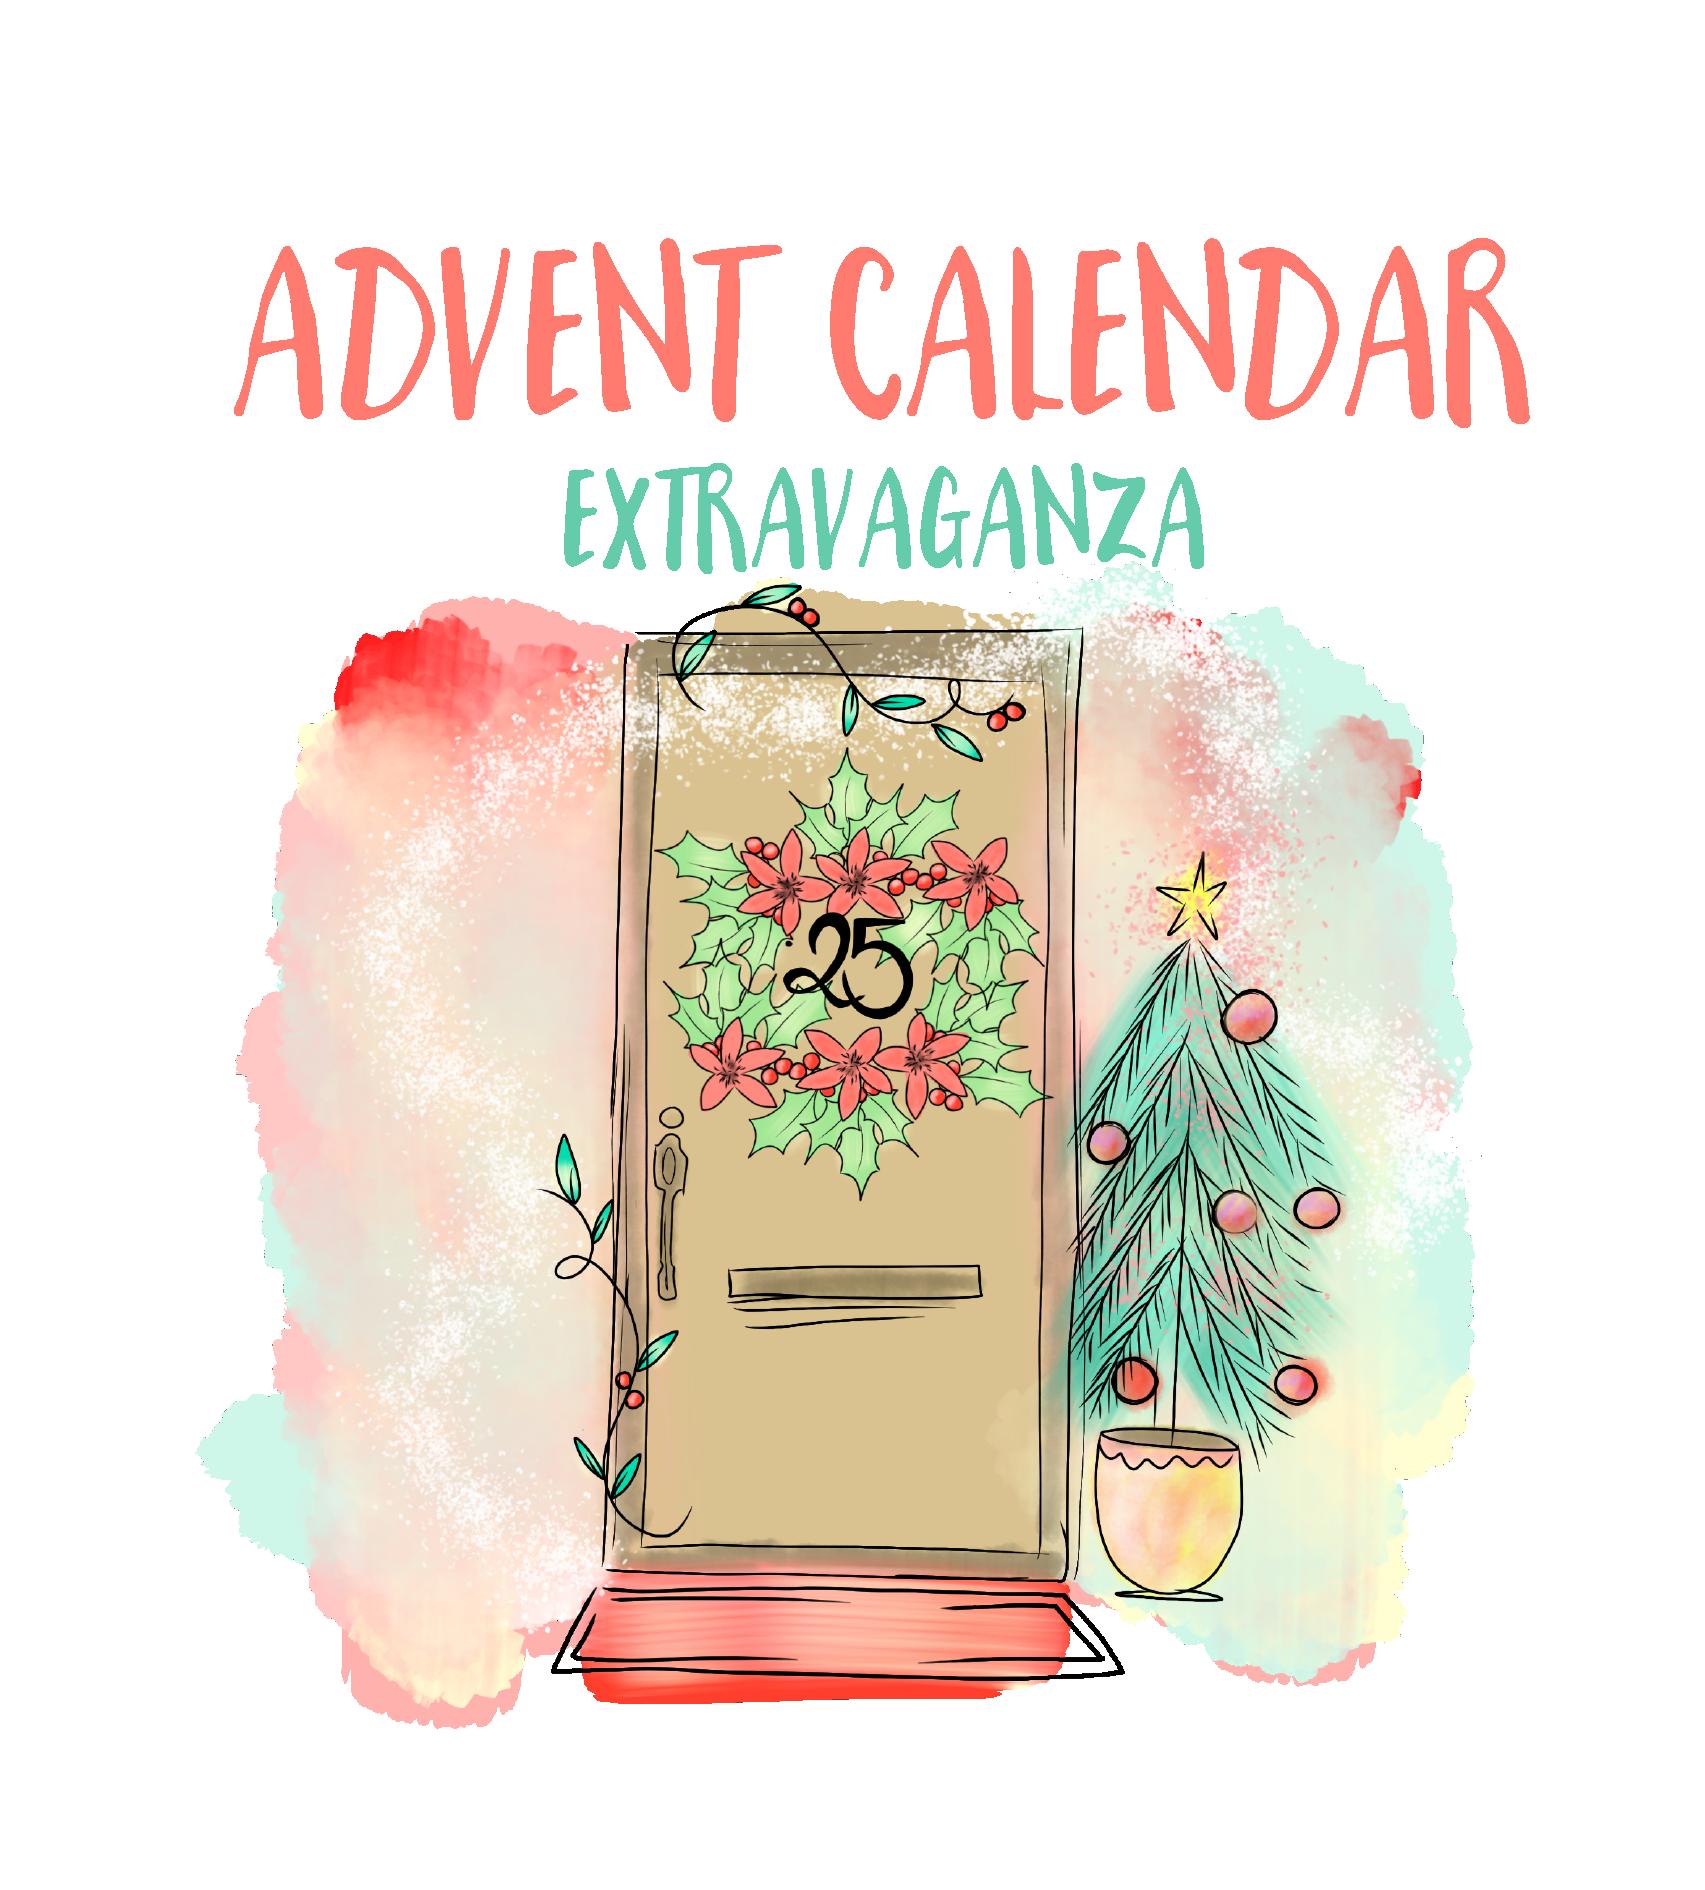 Advent Calenda Extravaganza.png